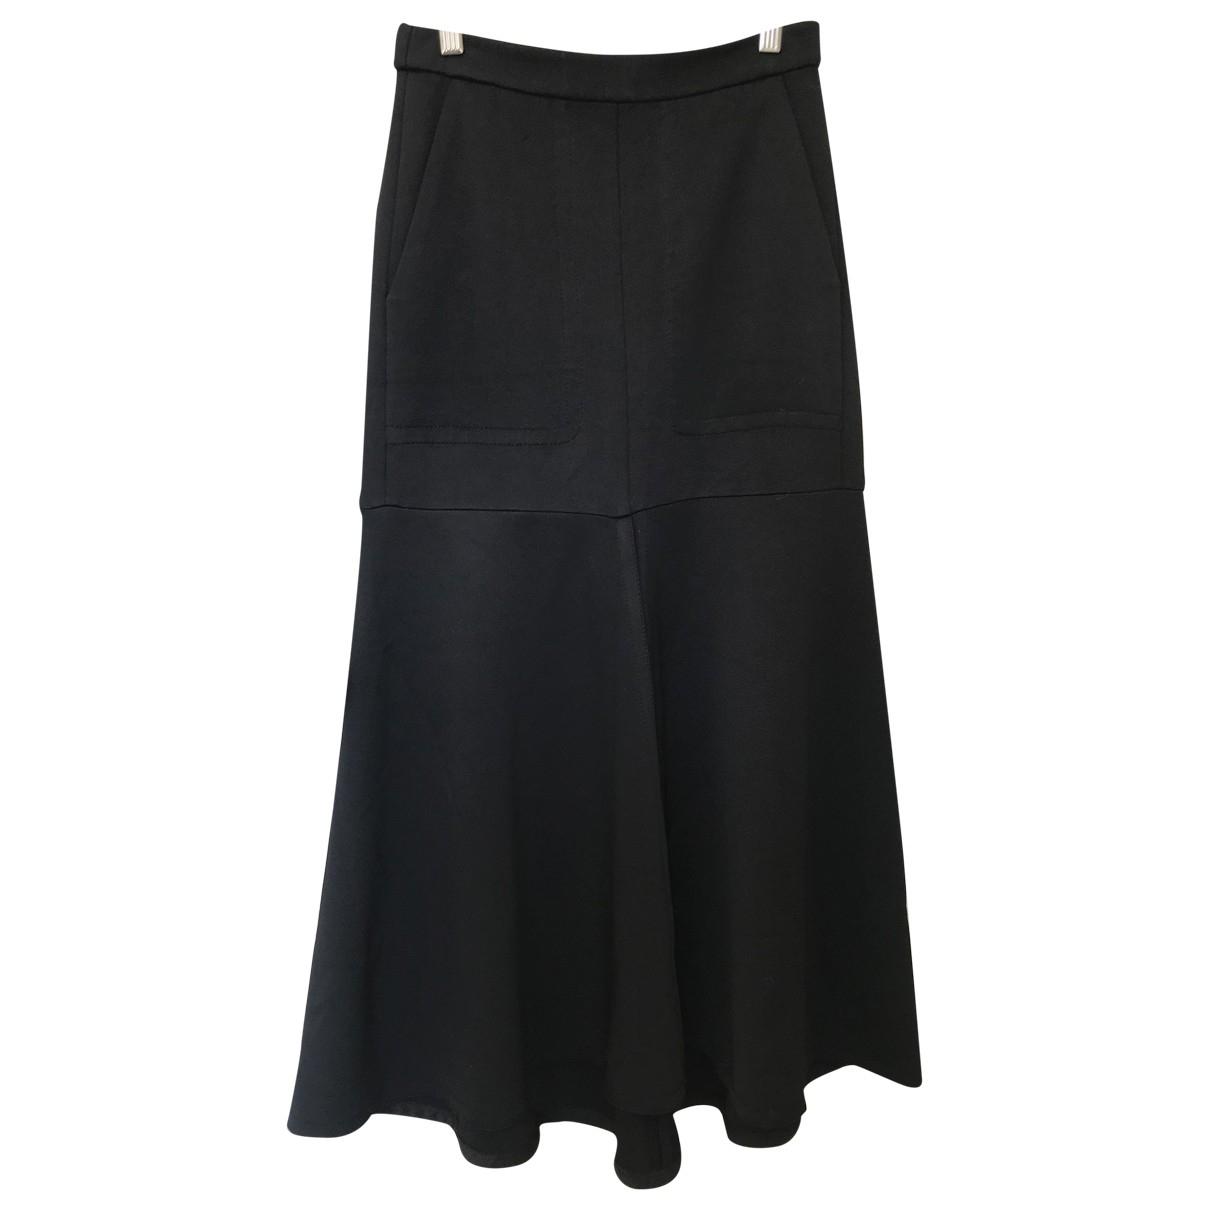 Tibi - Jupe   pour femme en soie - noir